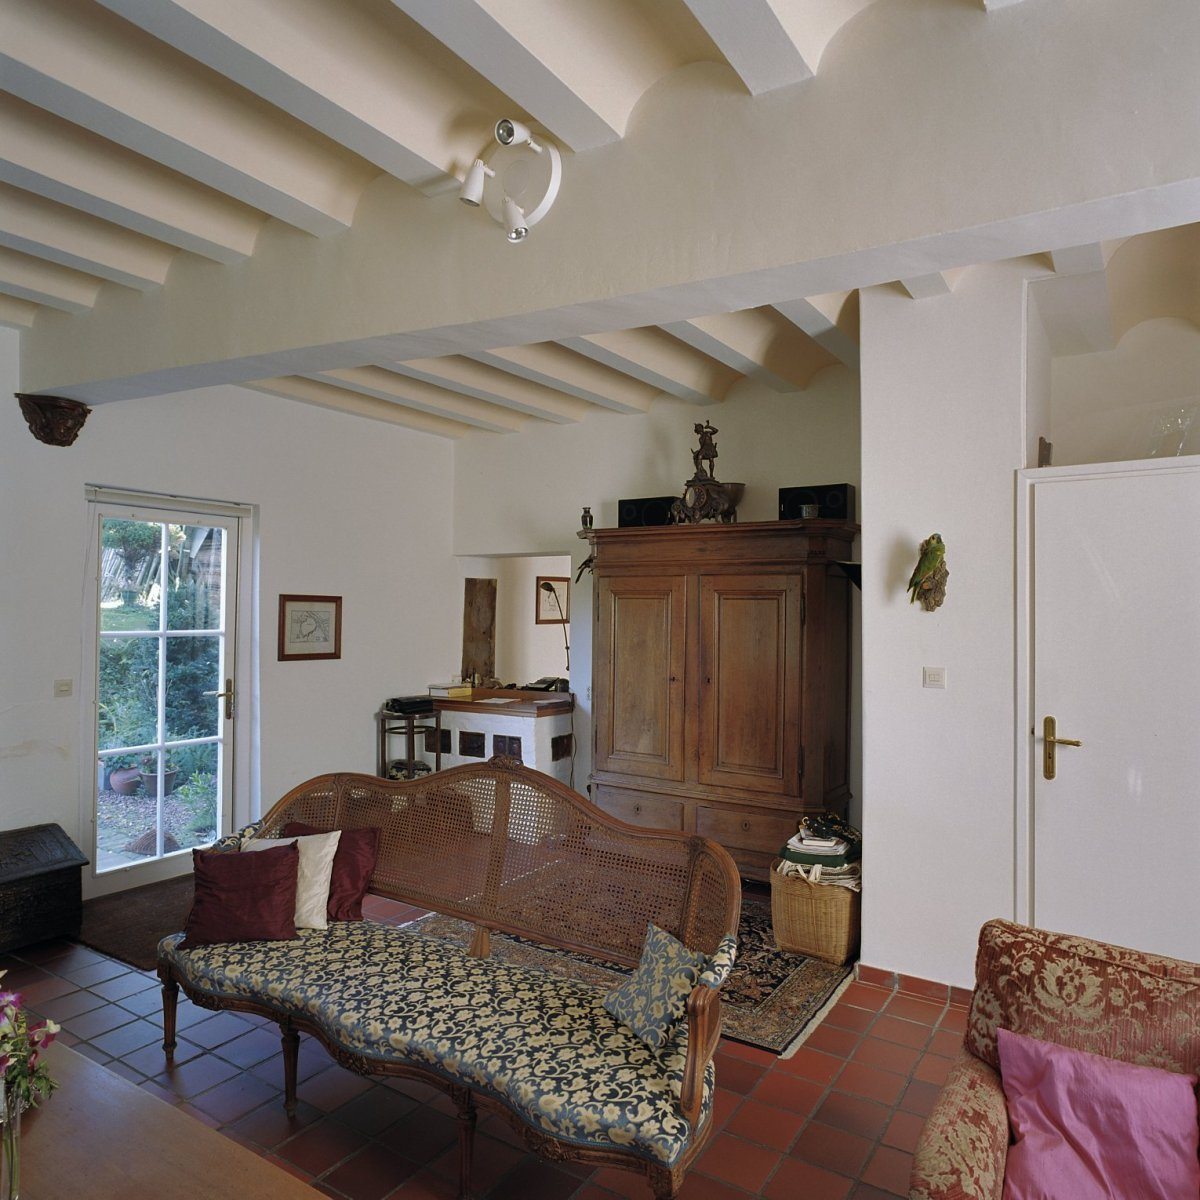 ... overzicht woonkamer met balken plafond - Schinnen - 20356031 - RCE.jpg